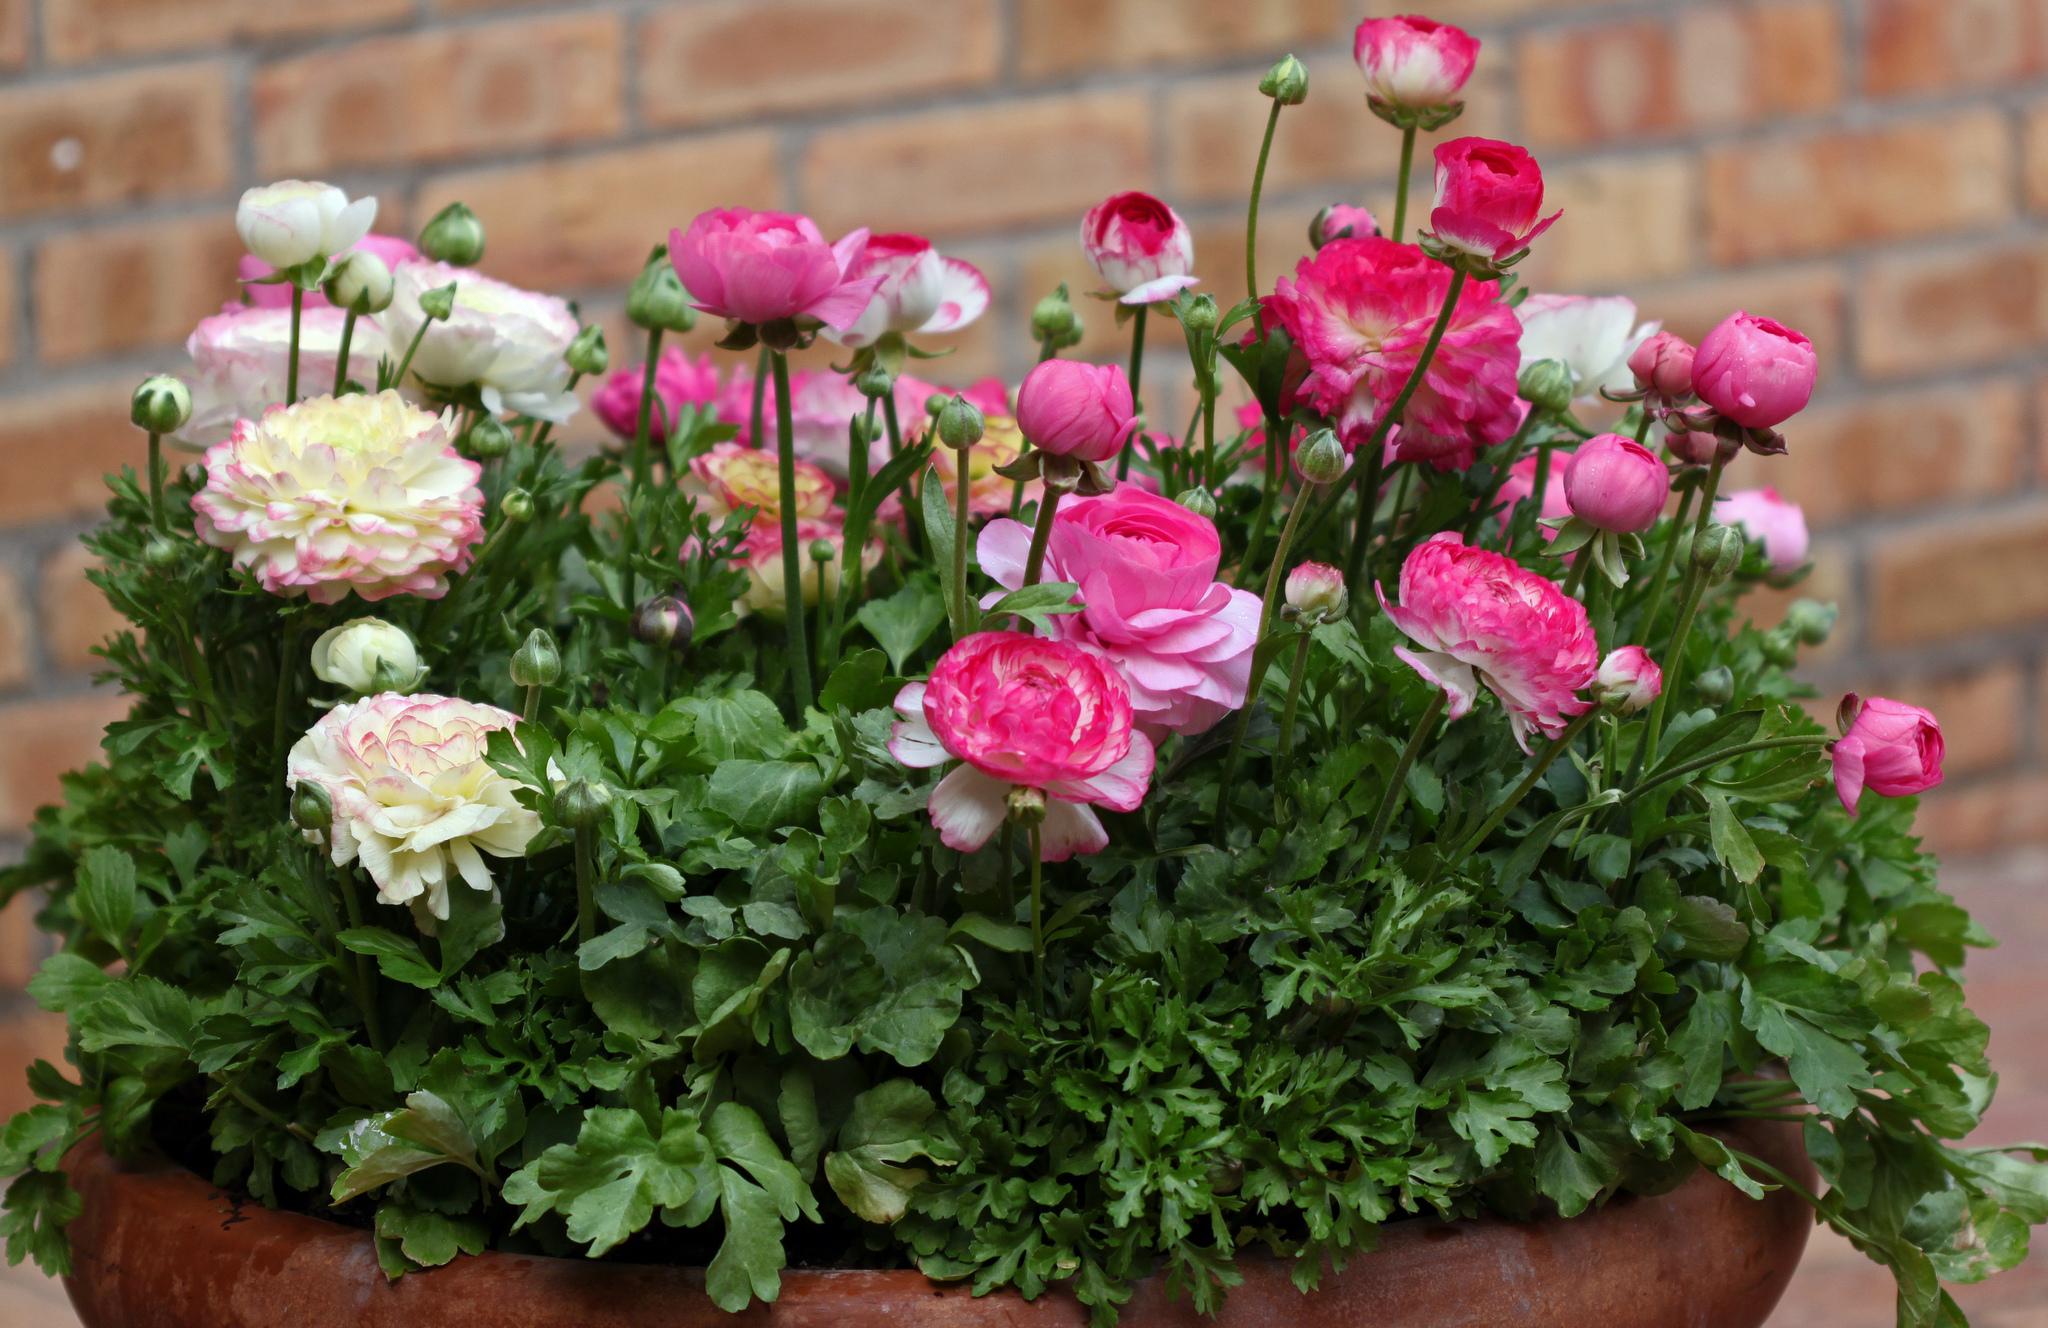 Нежные розовые ранункулюсы, вырощеные в вазоне